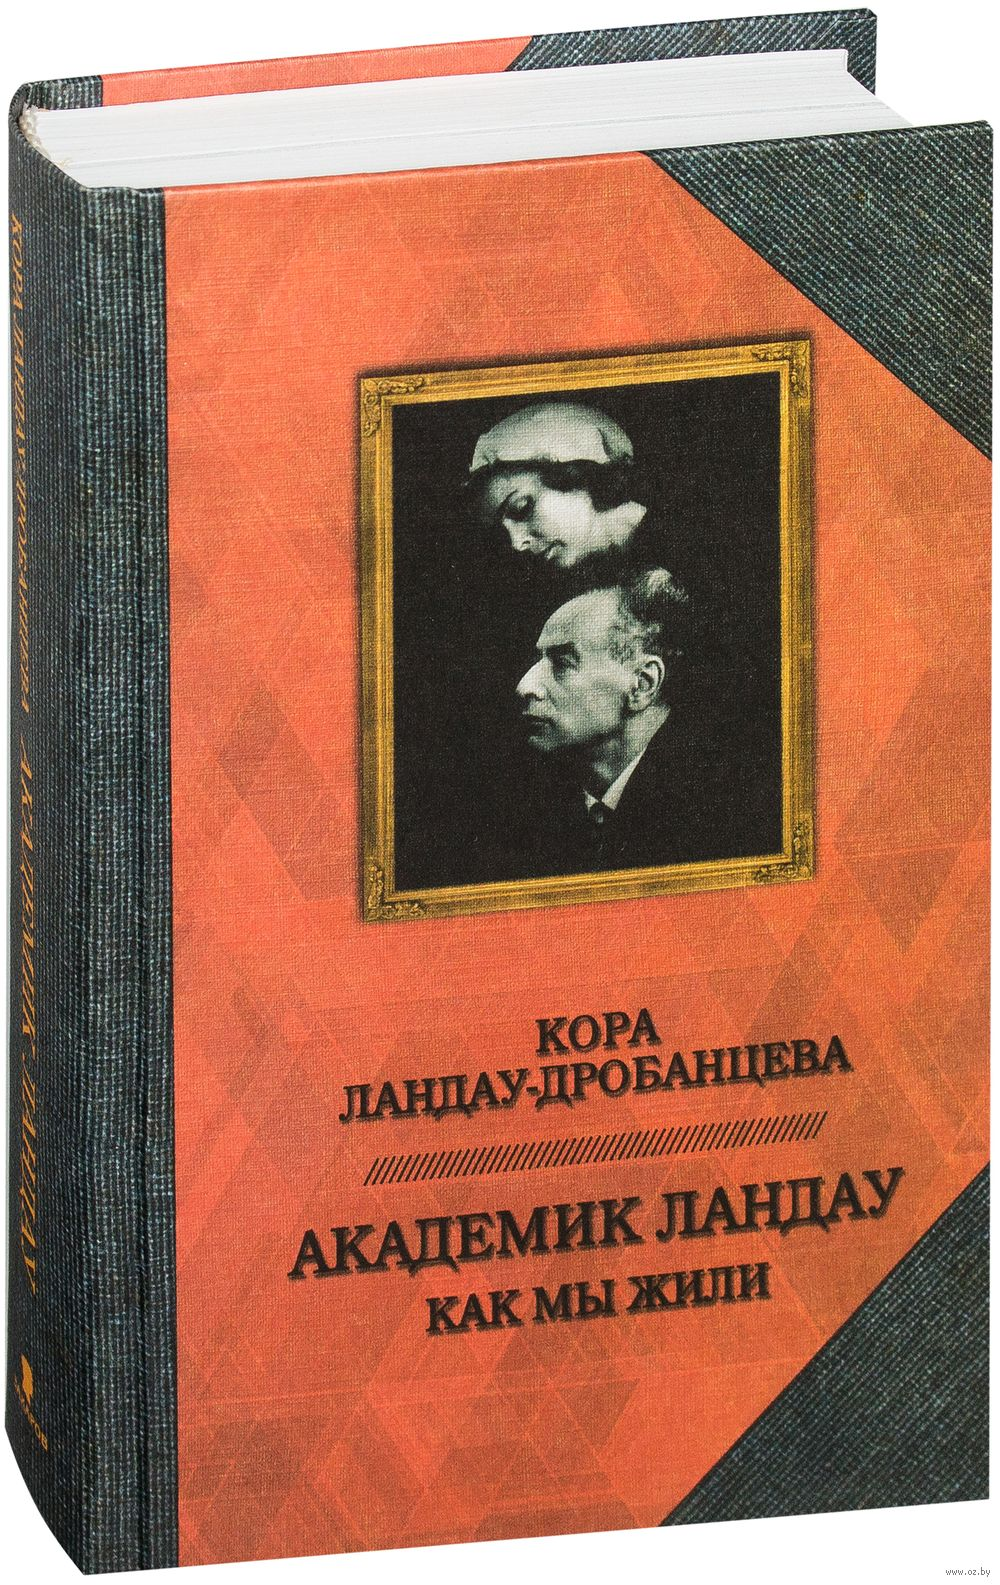 Книга академик ландау как мы жили скачать